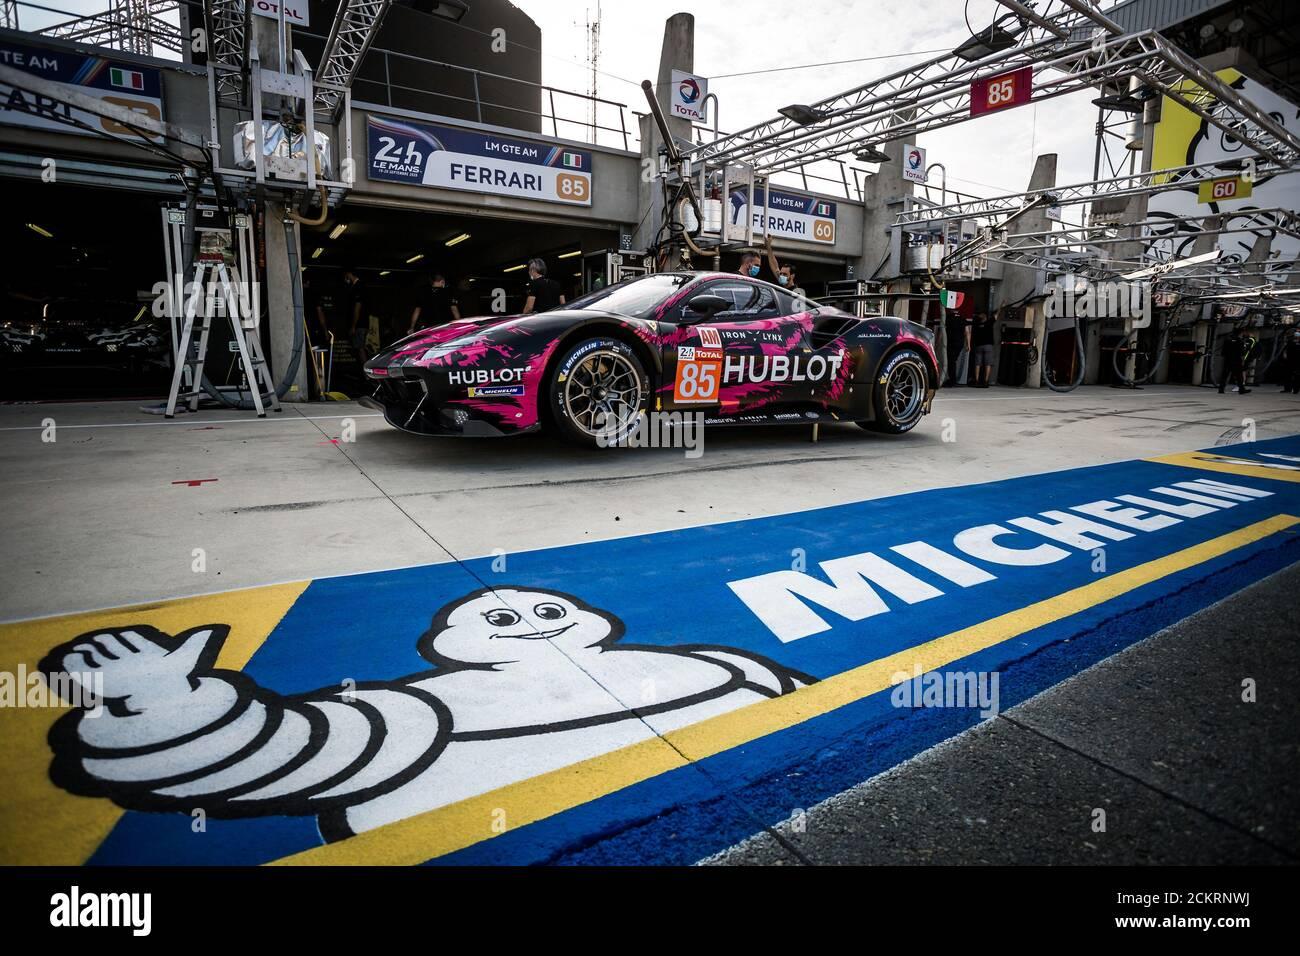 Le Mans, Francia. 16 settembre 2020. 85 Frey Rahel (swi), Gatting Michelle (dnk), Gostner Manuel (ita), Iron Lynx, Ferrari 488 GTE Evo, ambientazione durante la scrutatura della 2020 24 ore di le Mans, 7° round del Campionato Mondiale FIA Endurance 2019...20 sul circuito des 24 Heures du Mans, dal 16 al 20 settembre, 2020 a le Mans, Francia - Photo Thomas Fenetre / DPPI Credit: LM/DPPI/Thomas Fenetre/Alamy Live News Credit: Gruppo Editoriale LiveMedia/Alamy Live News Foto Stock